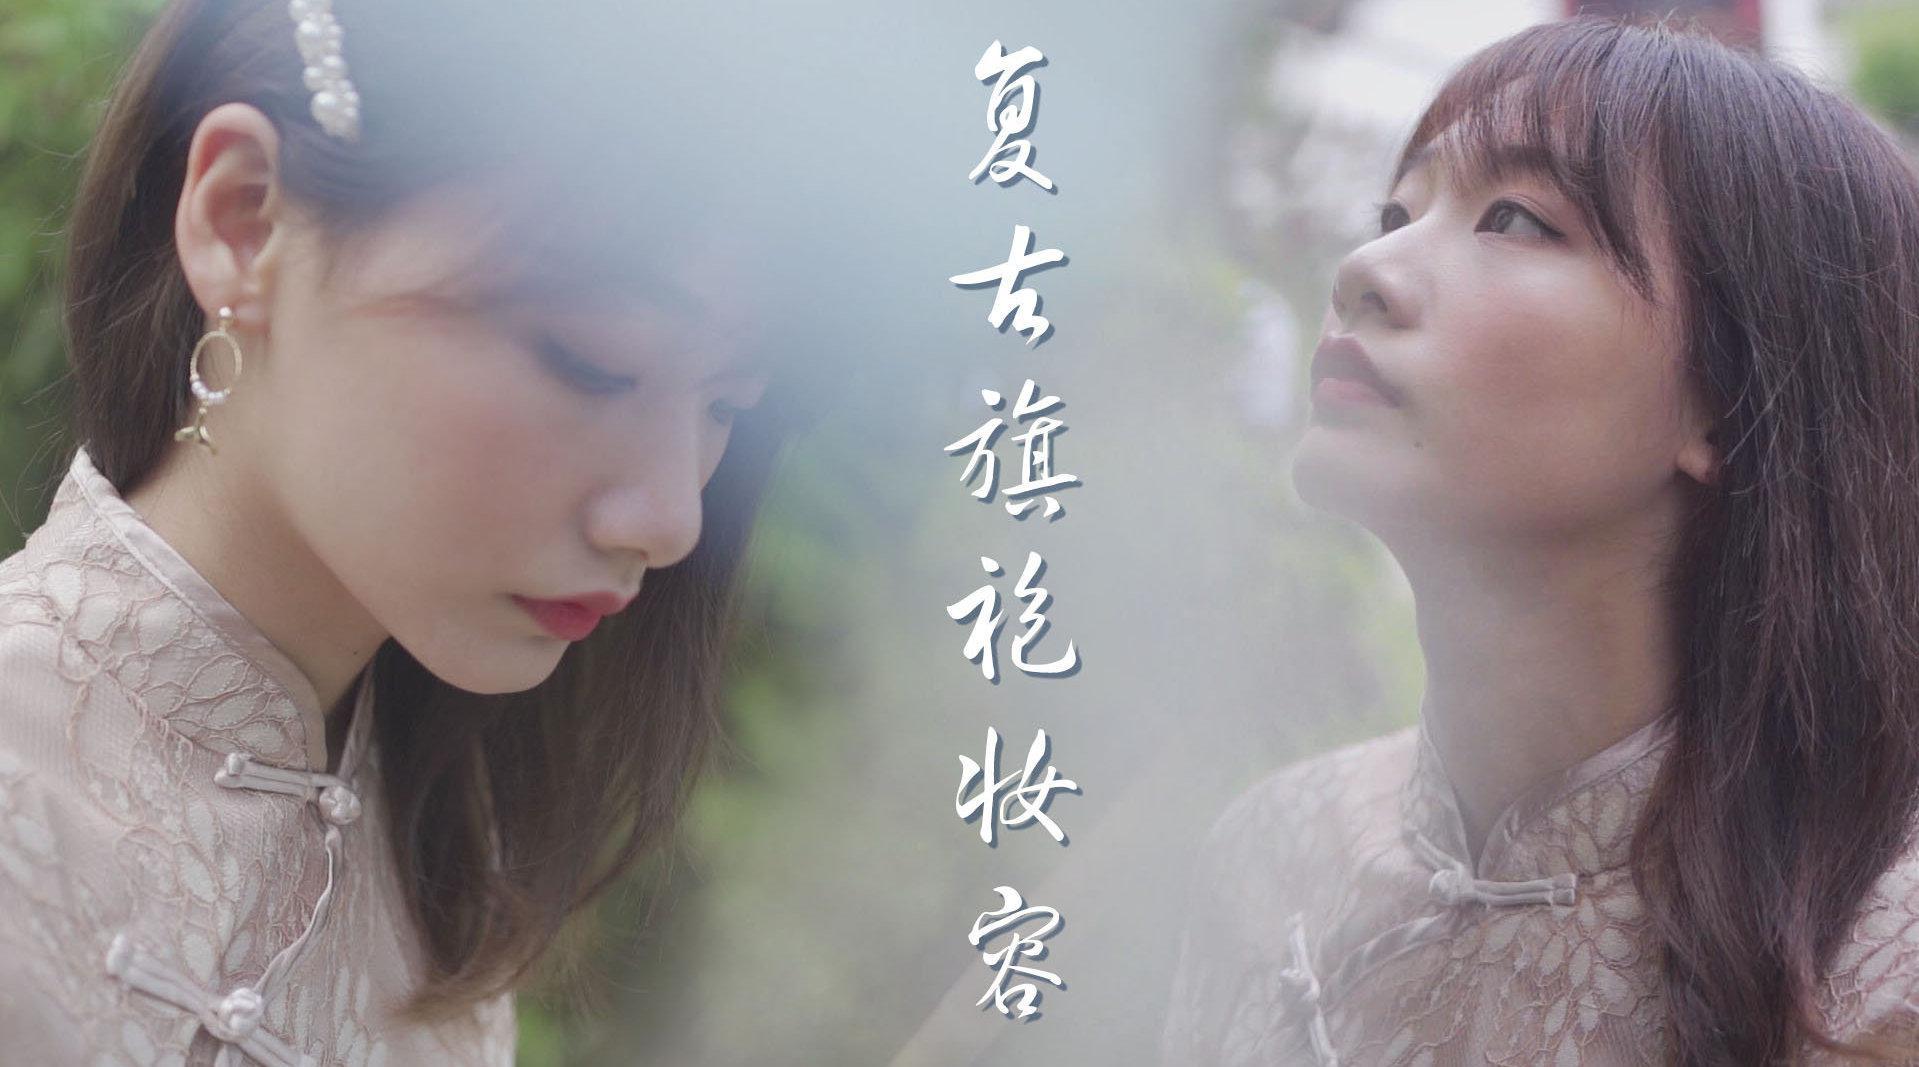 民国旧梦|复古旗袍妆容 全世界都在画的中国妆 是烈焰红唇?